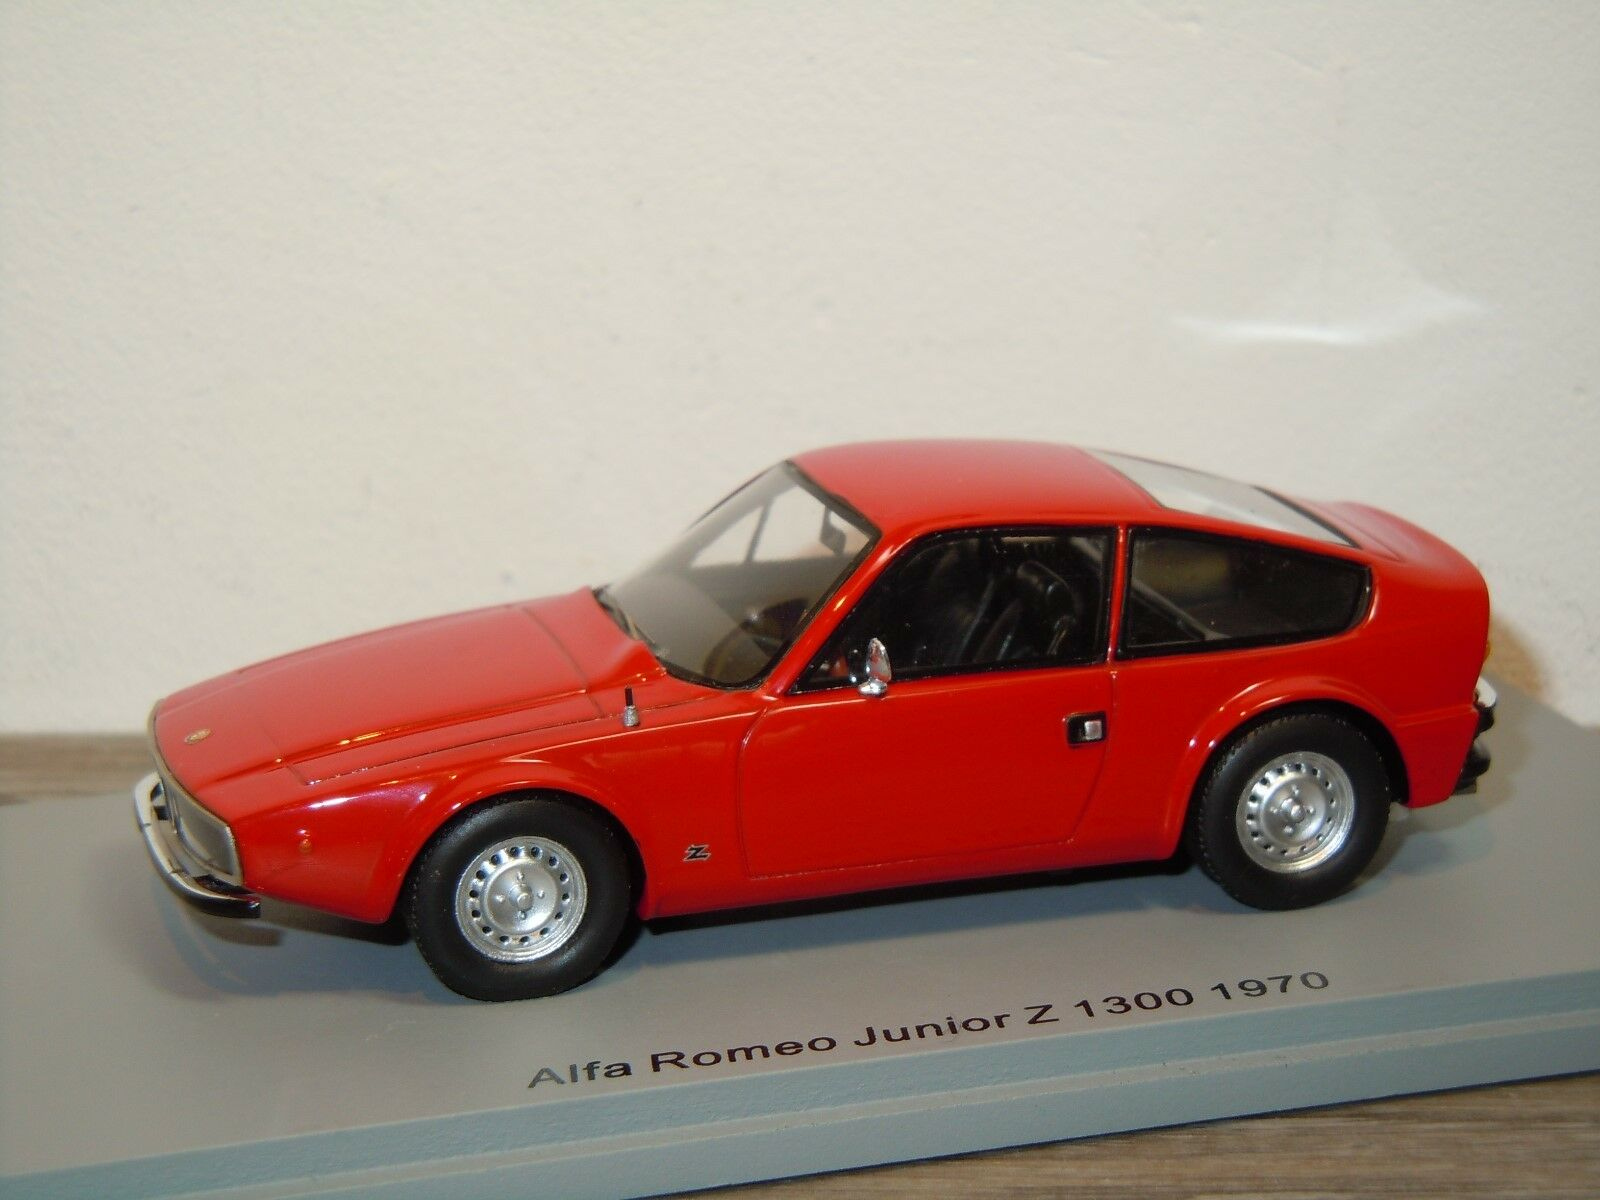 ventas en línea de venta Alfa Romeo Junior Junior Junior Z 1300 1970 - Spark 1 43 in Box 35118  precioso